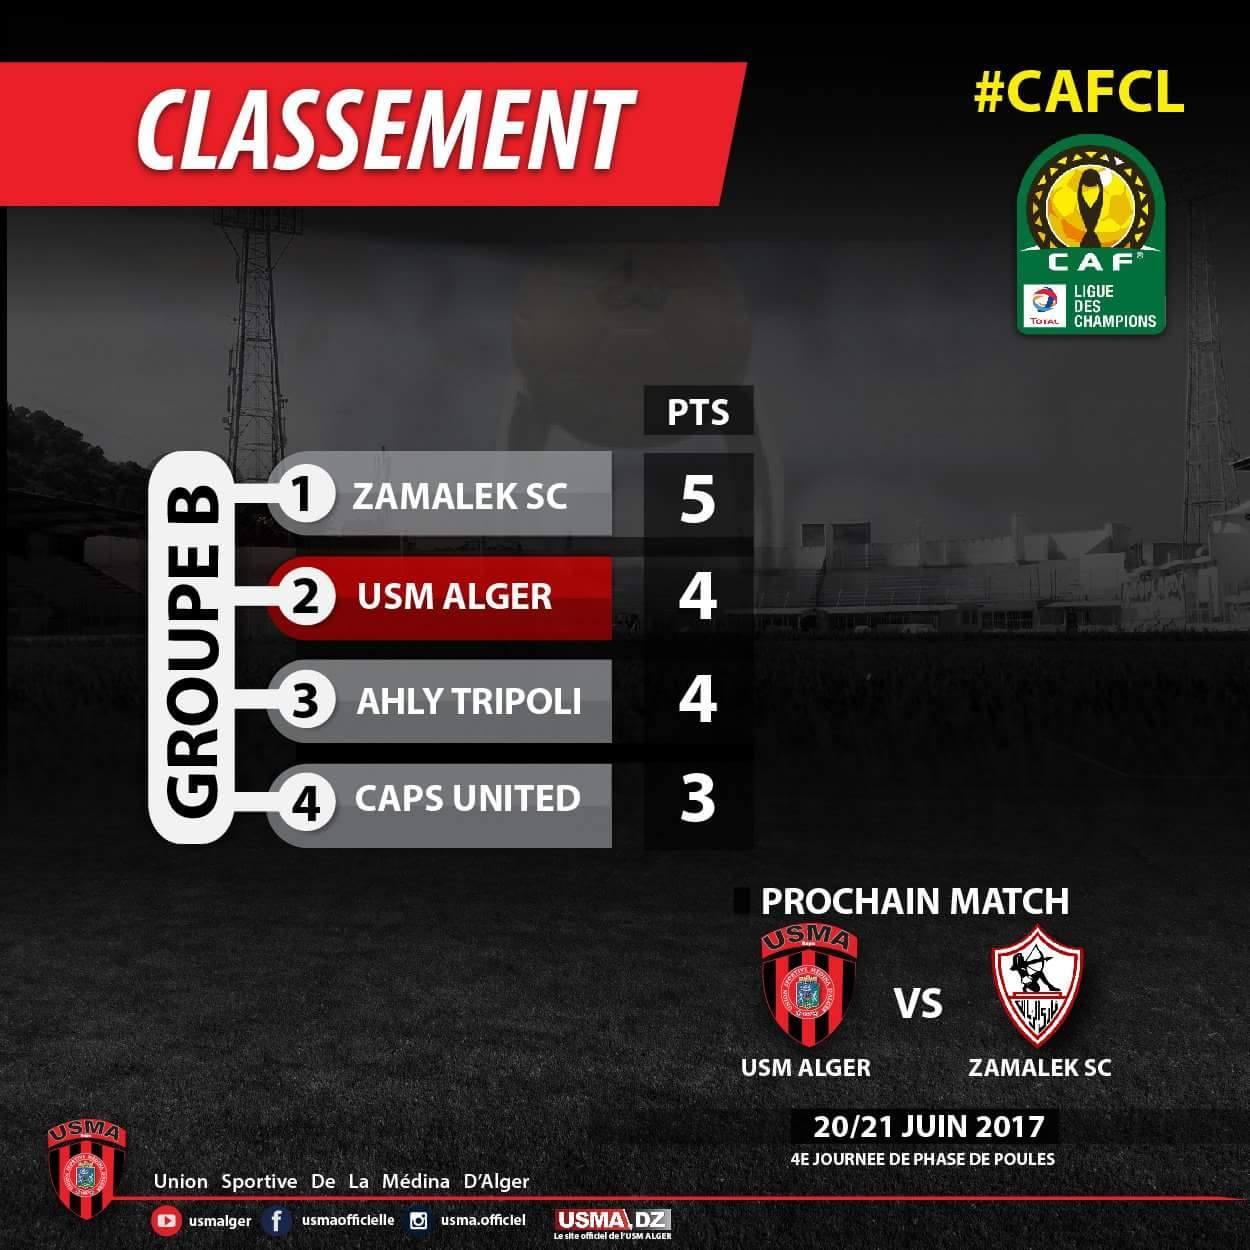 class_caf_j4